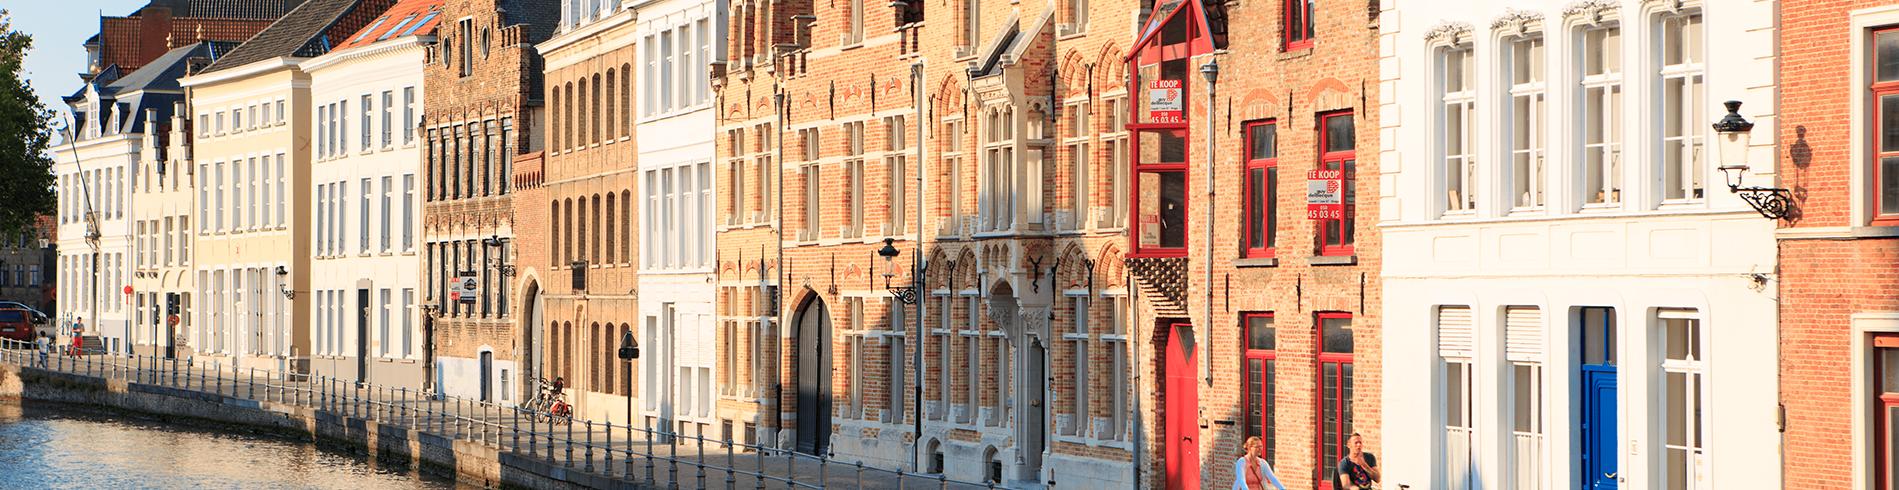 Bruges Riverside houses